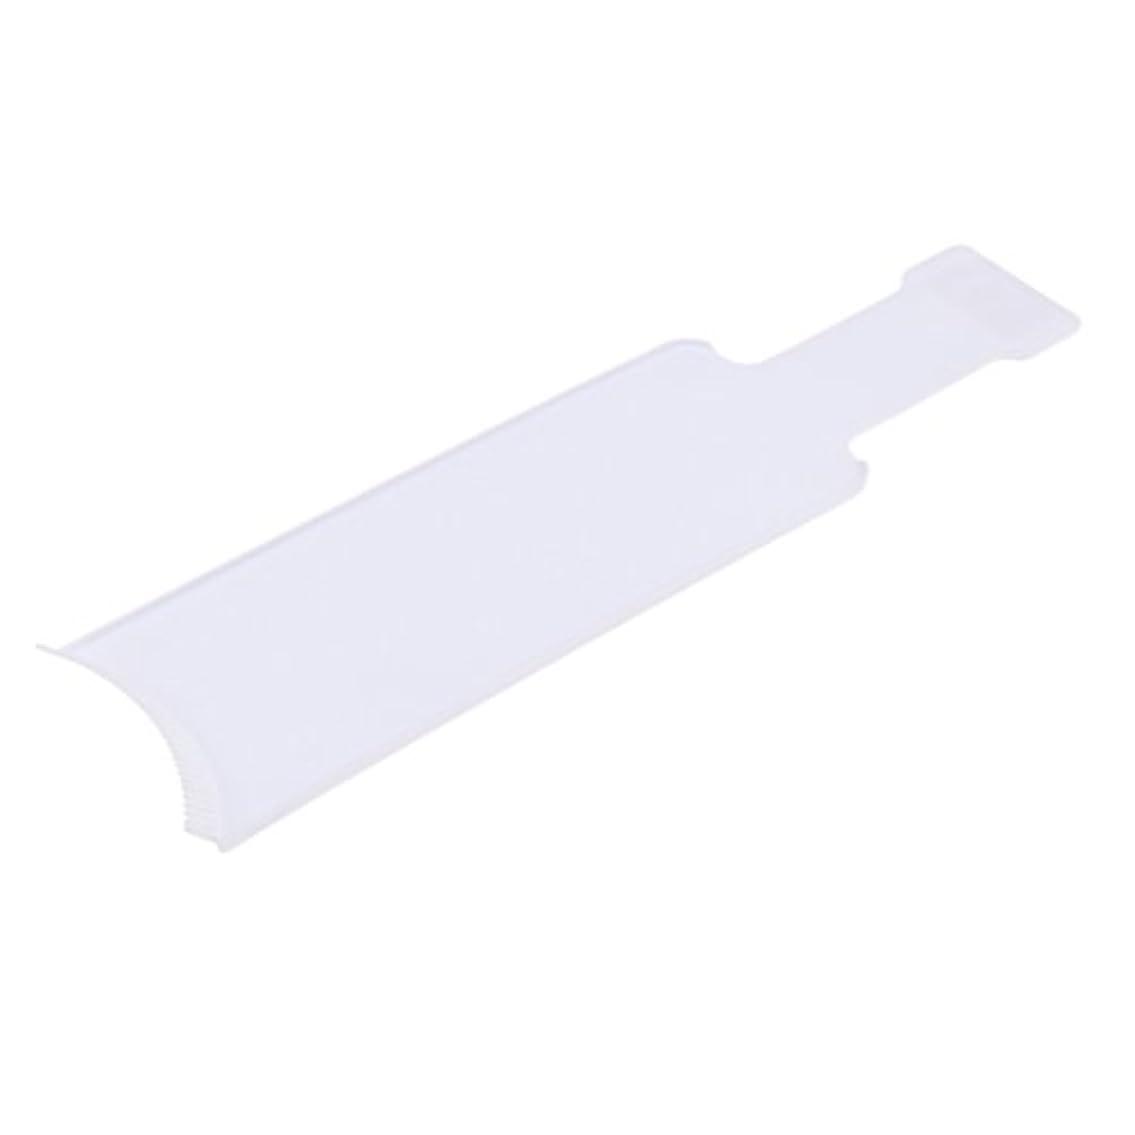 歯晩餐歯染色櫛プレート 着色ボード 染めボード ヘアカラー ヘアブラシ 便利 おしゃれ染 2サイズ2色選べる - 白, L